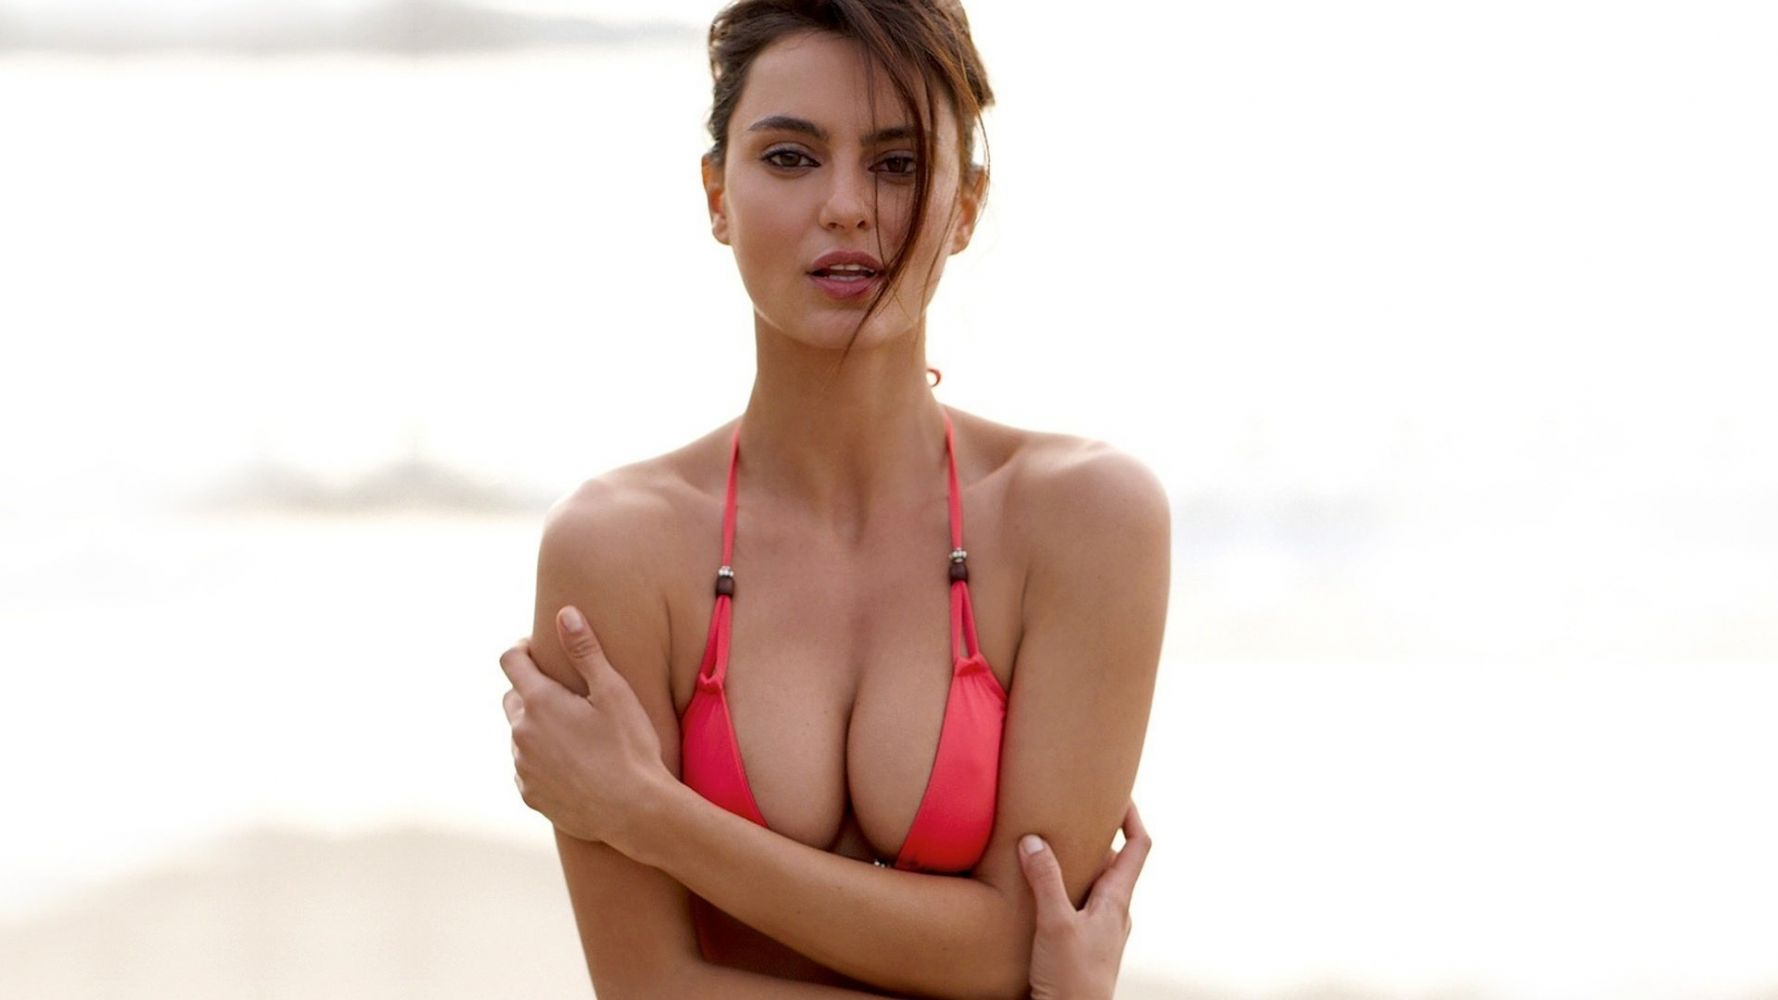 Lil chica nude big tits curvy asses porn pics